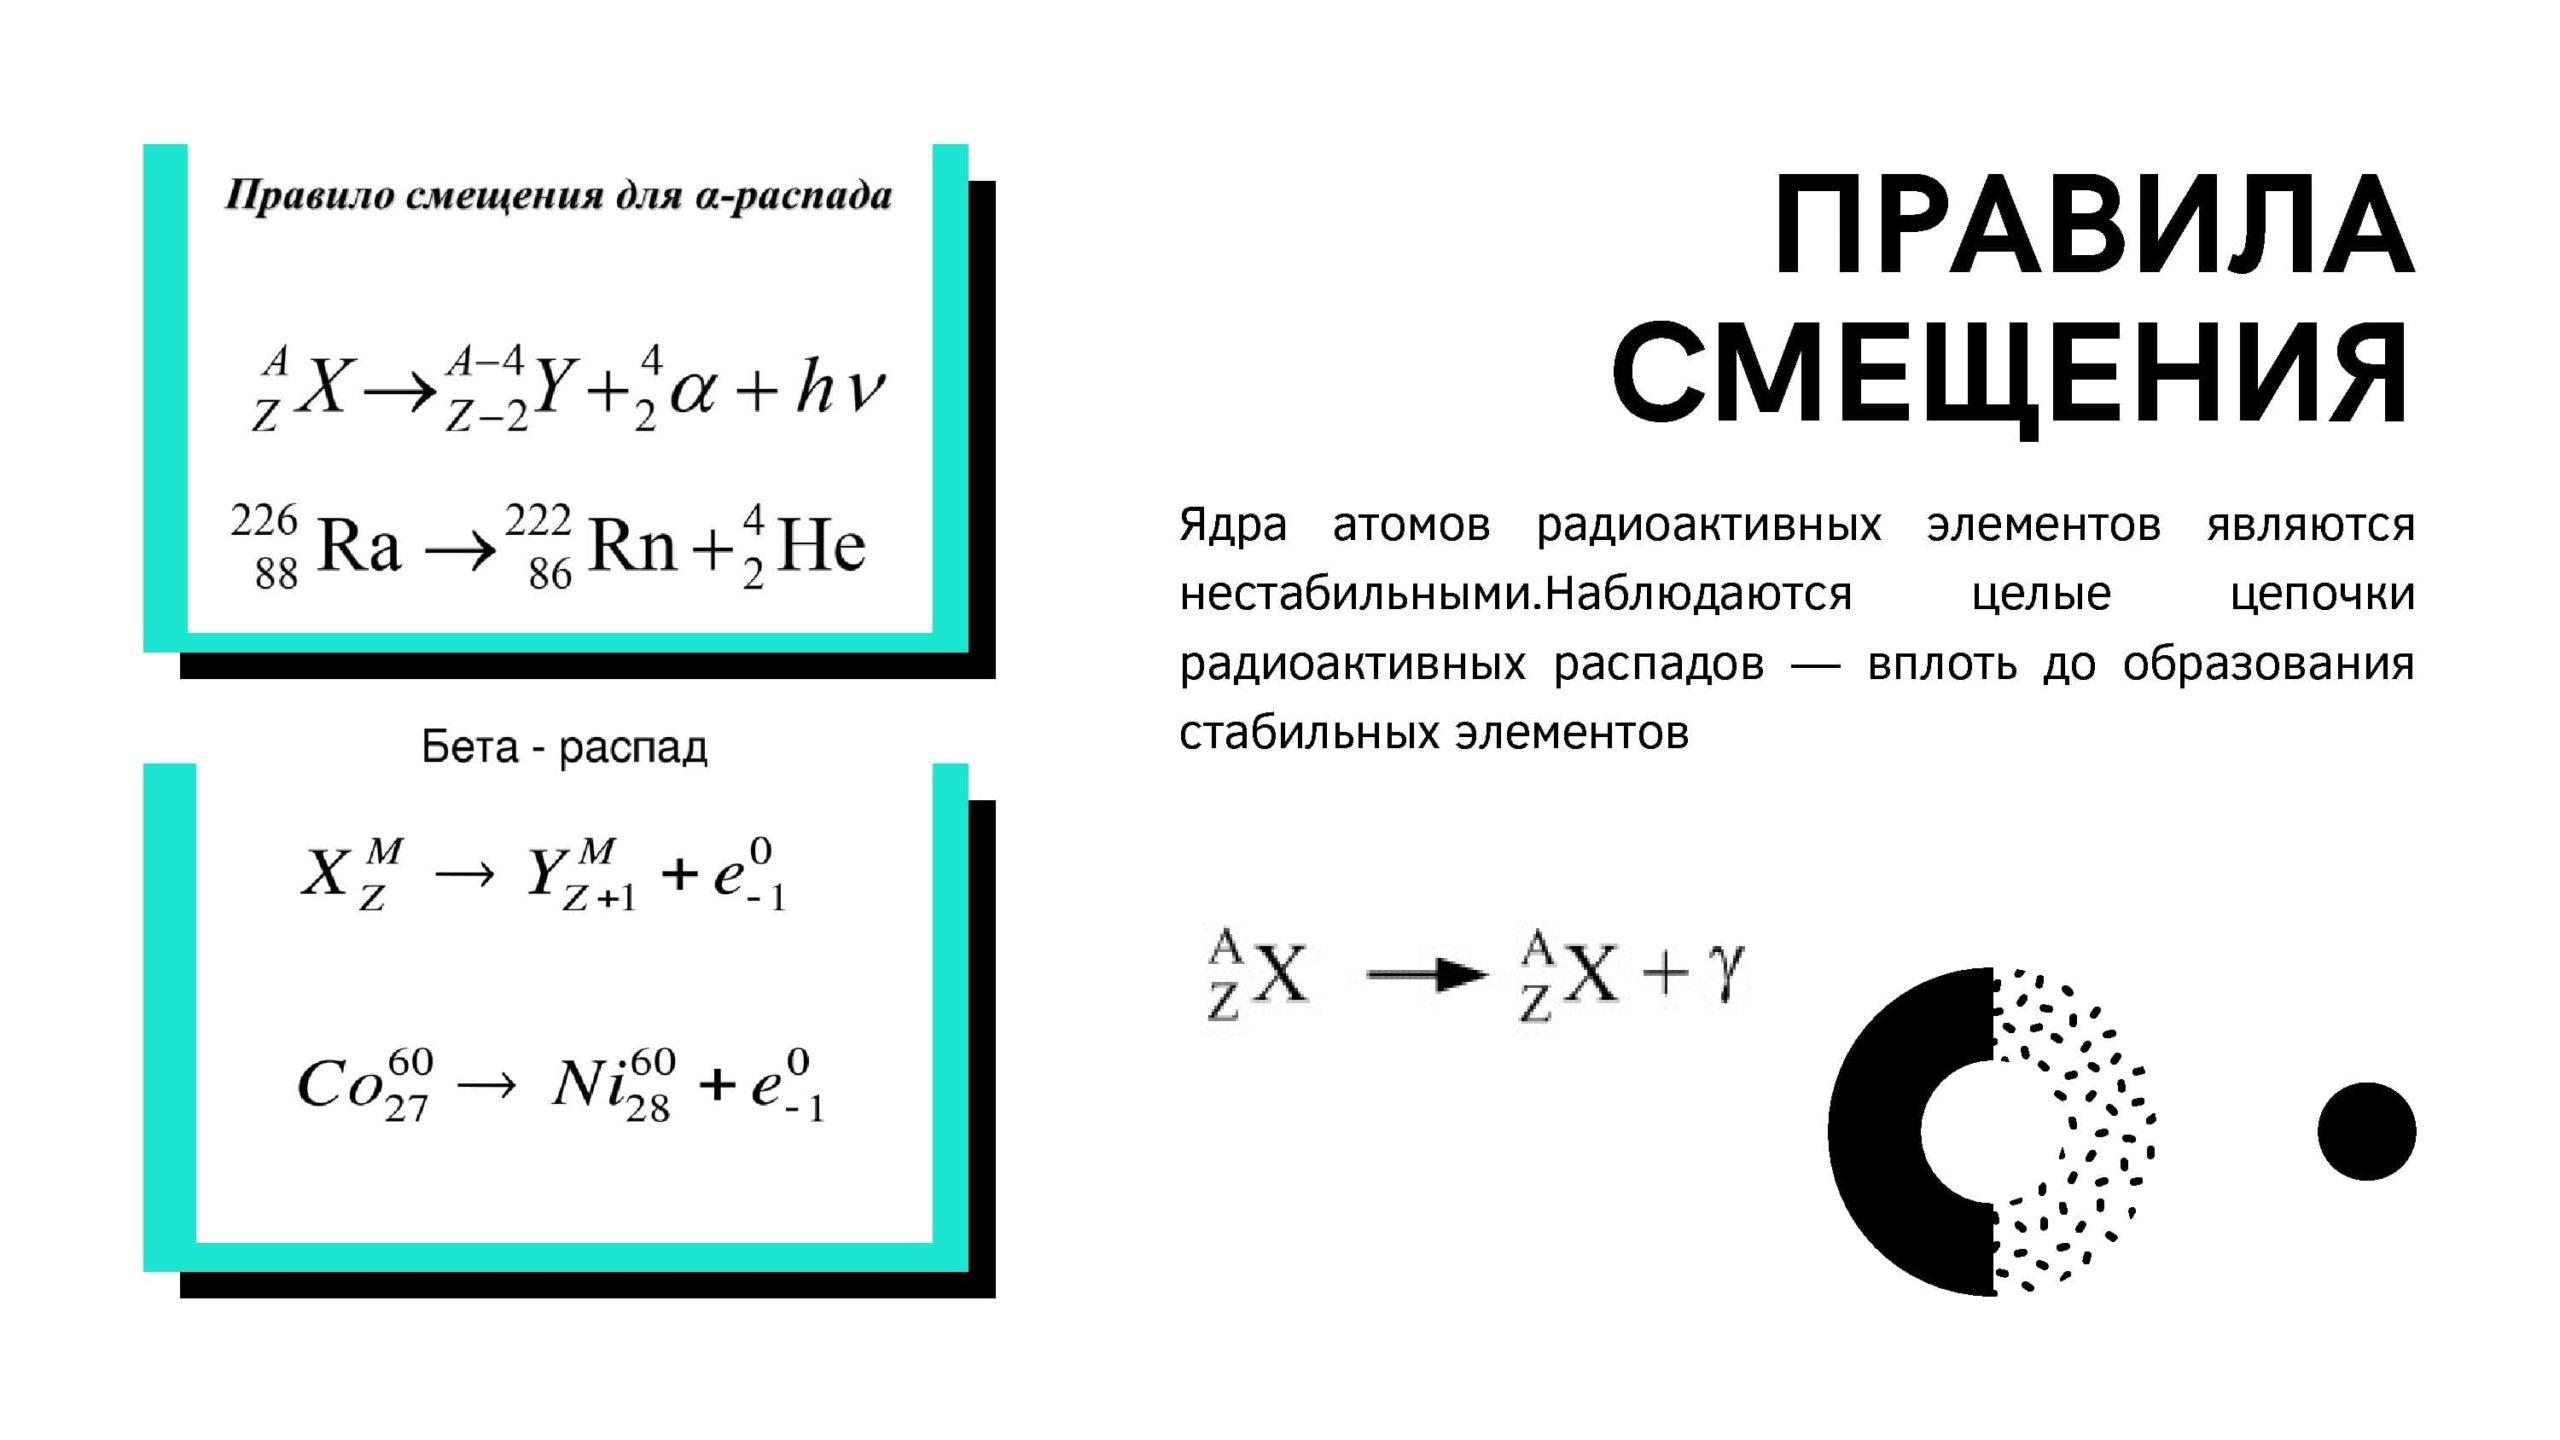 Правила смещения. Ядра атомов радиоактивных элементов